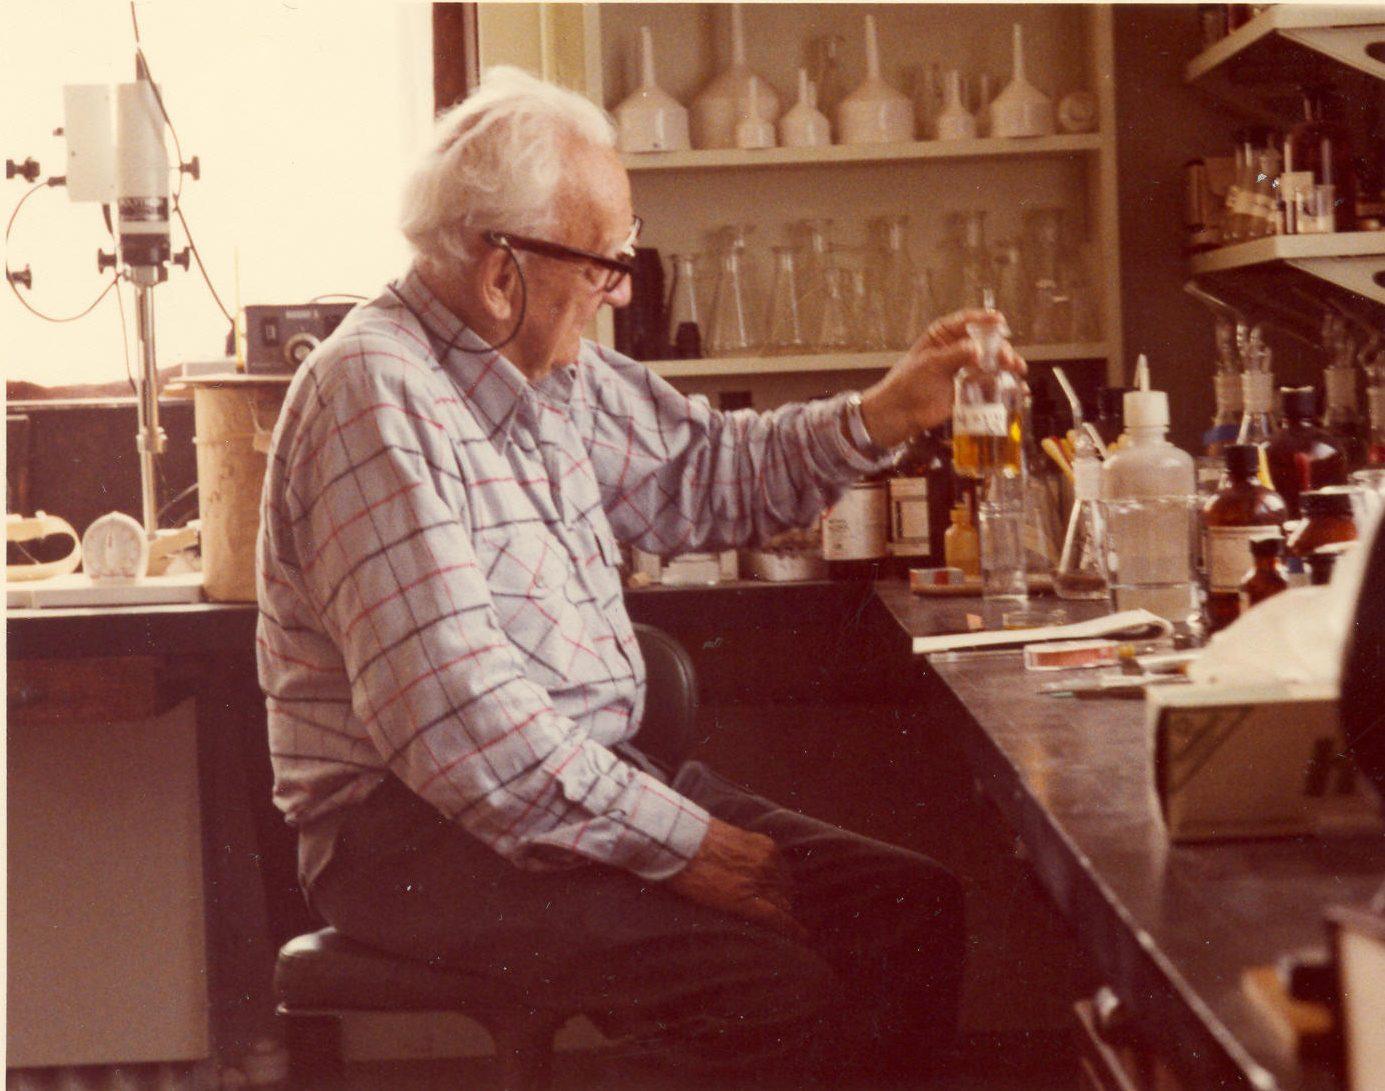 Dr. Albert von Szent-Györgyi in the lab